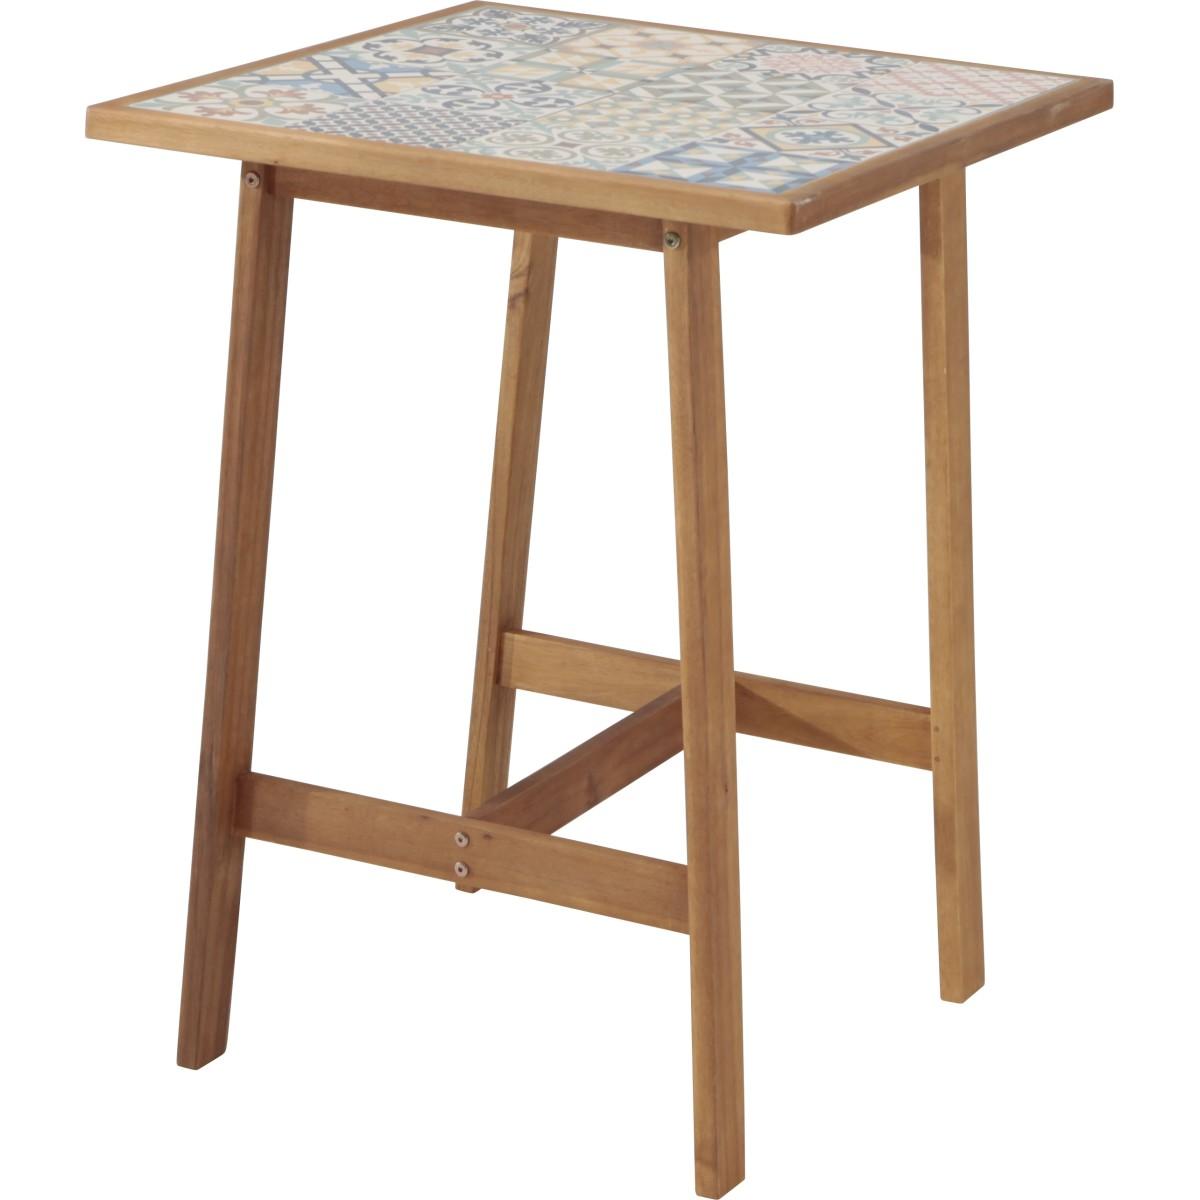 Стол садовый квадратный 70x70x95 см акация/керамика цвет коричневый